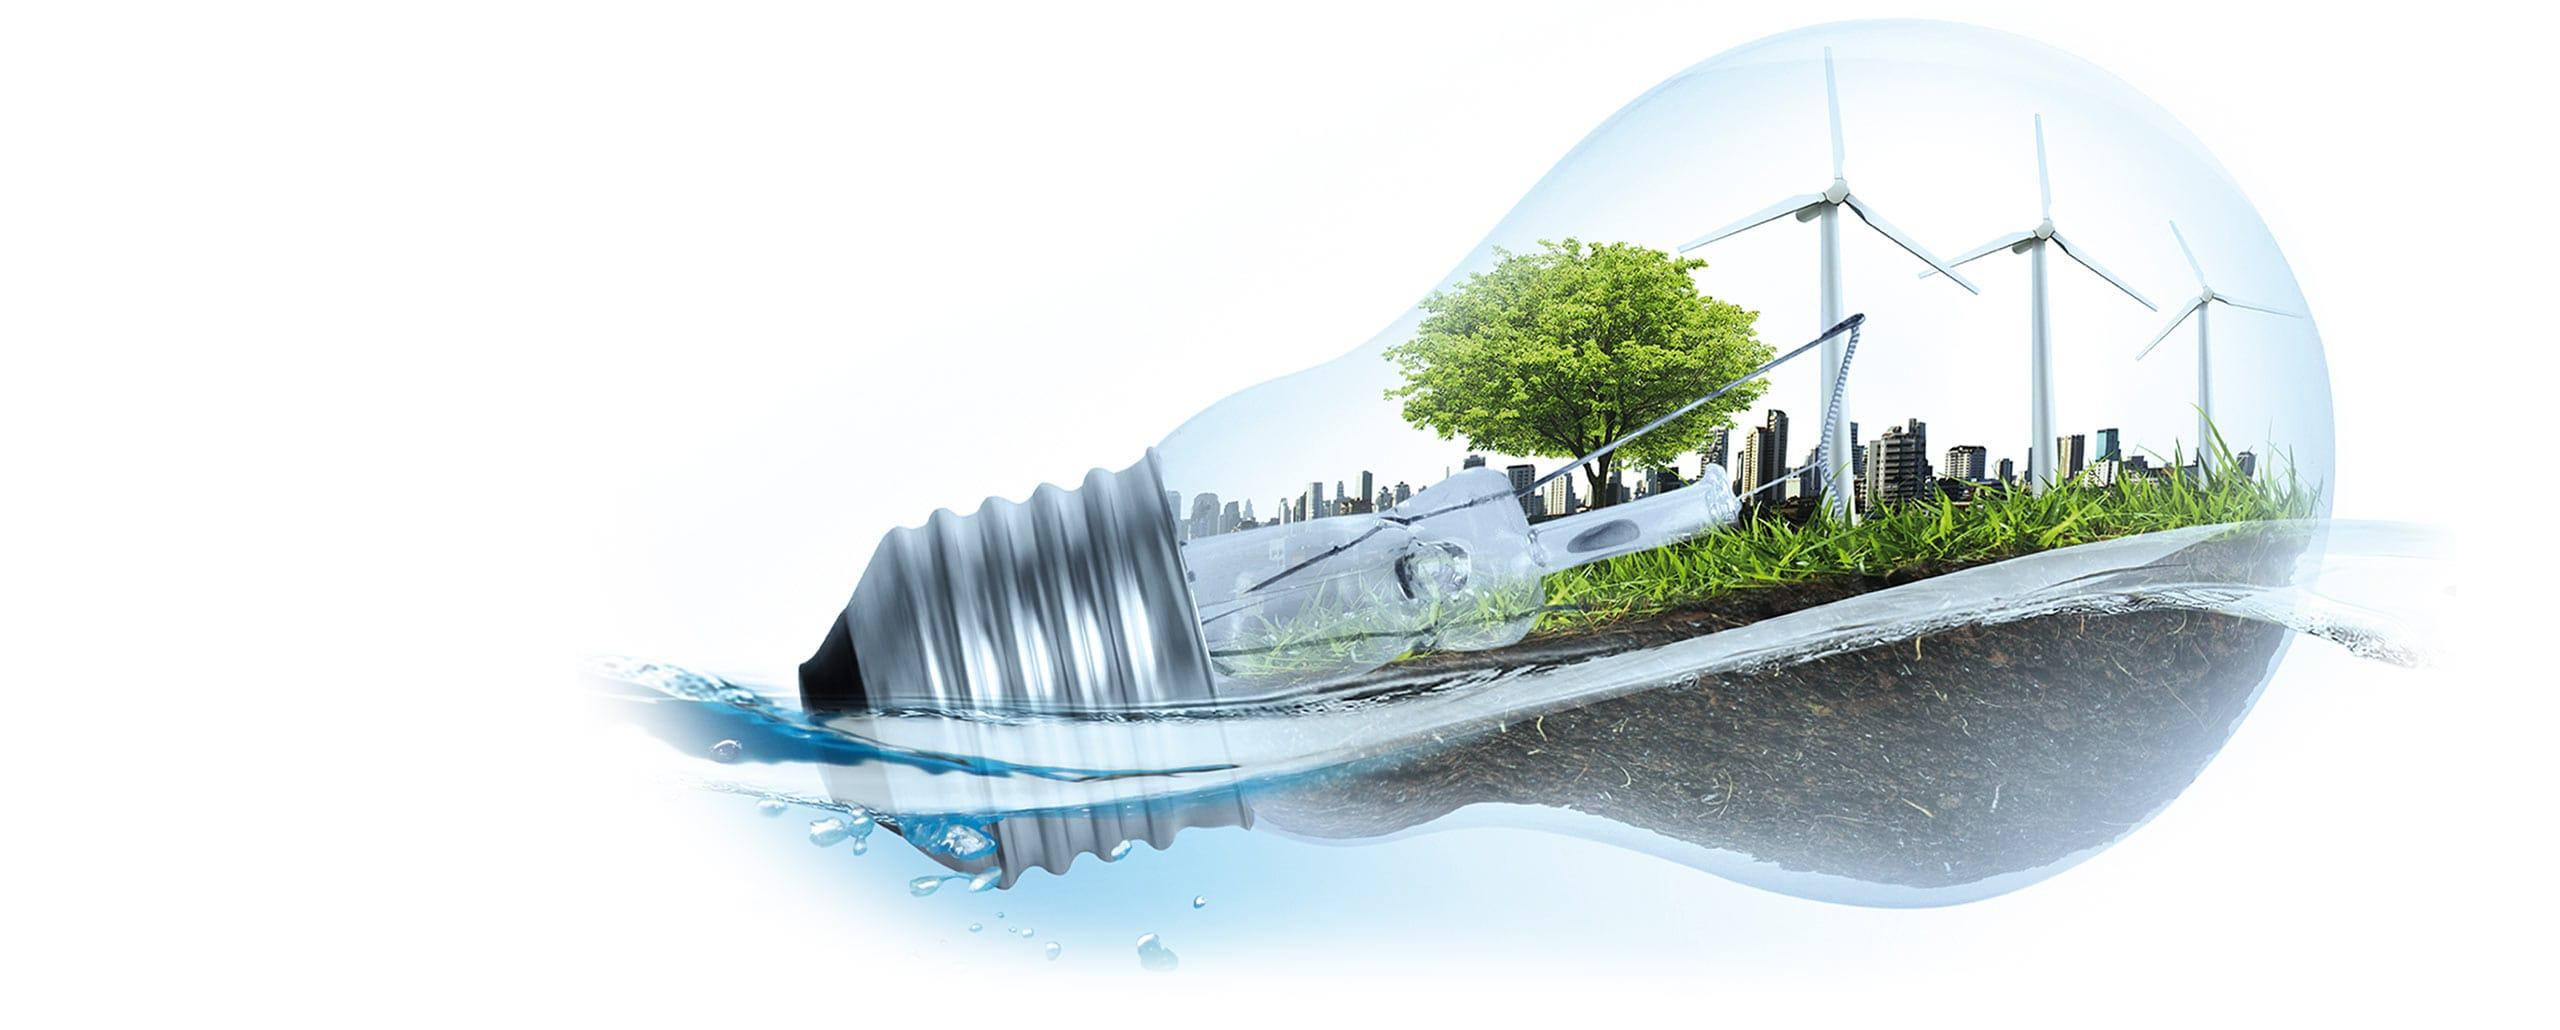 Qui peut vous aider à simuler les économies d'énergie possible?